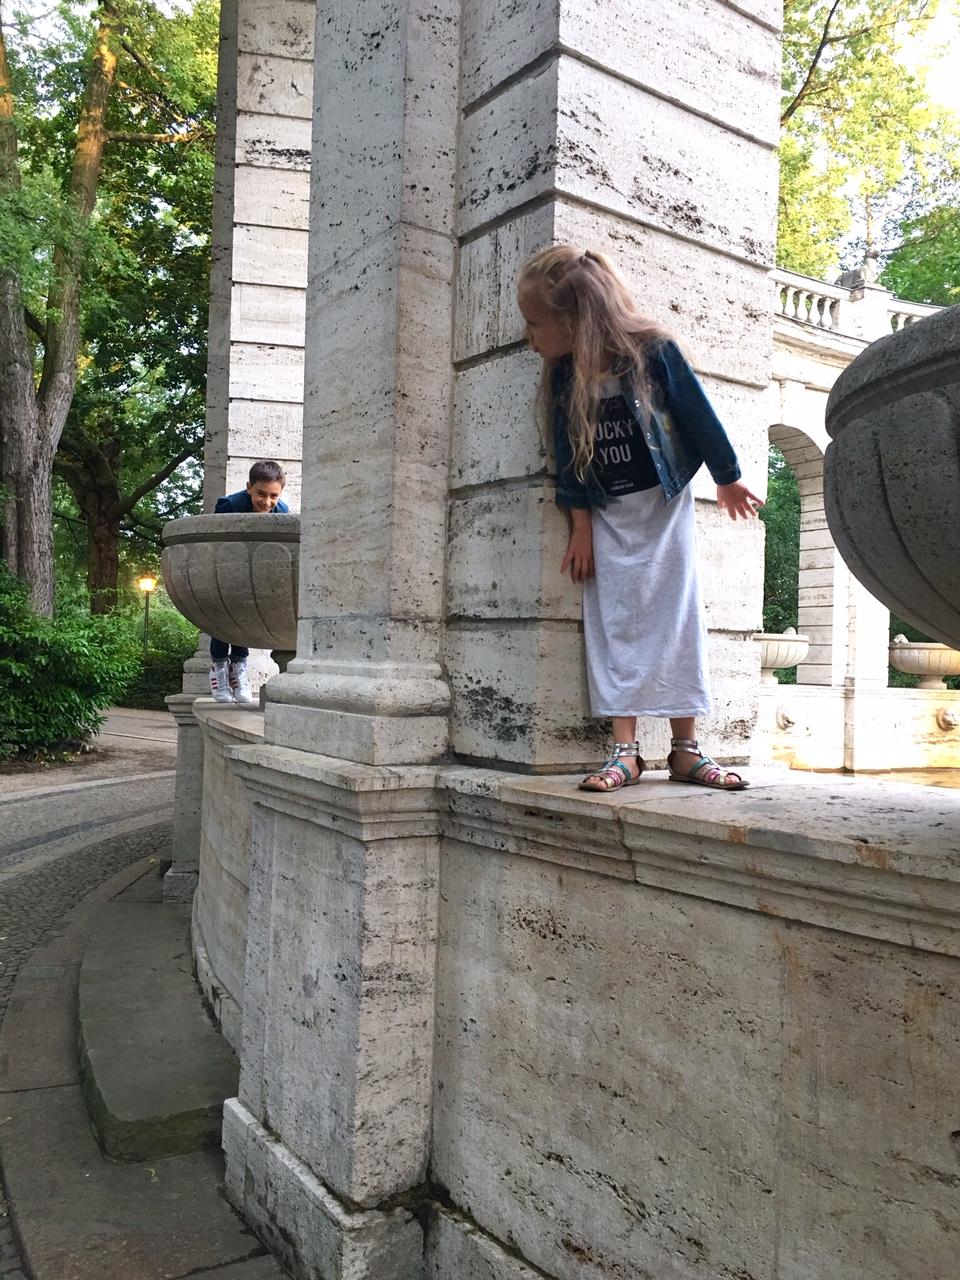 Wochenende in Bildern, Minions, Kinder, Märchenbrunnen, Leben mit Kindern, Volkspark Friedrichshain, Spaziergang, Leben mit Kindern